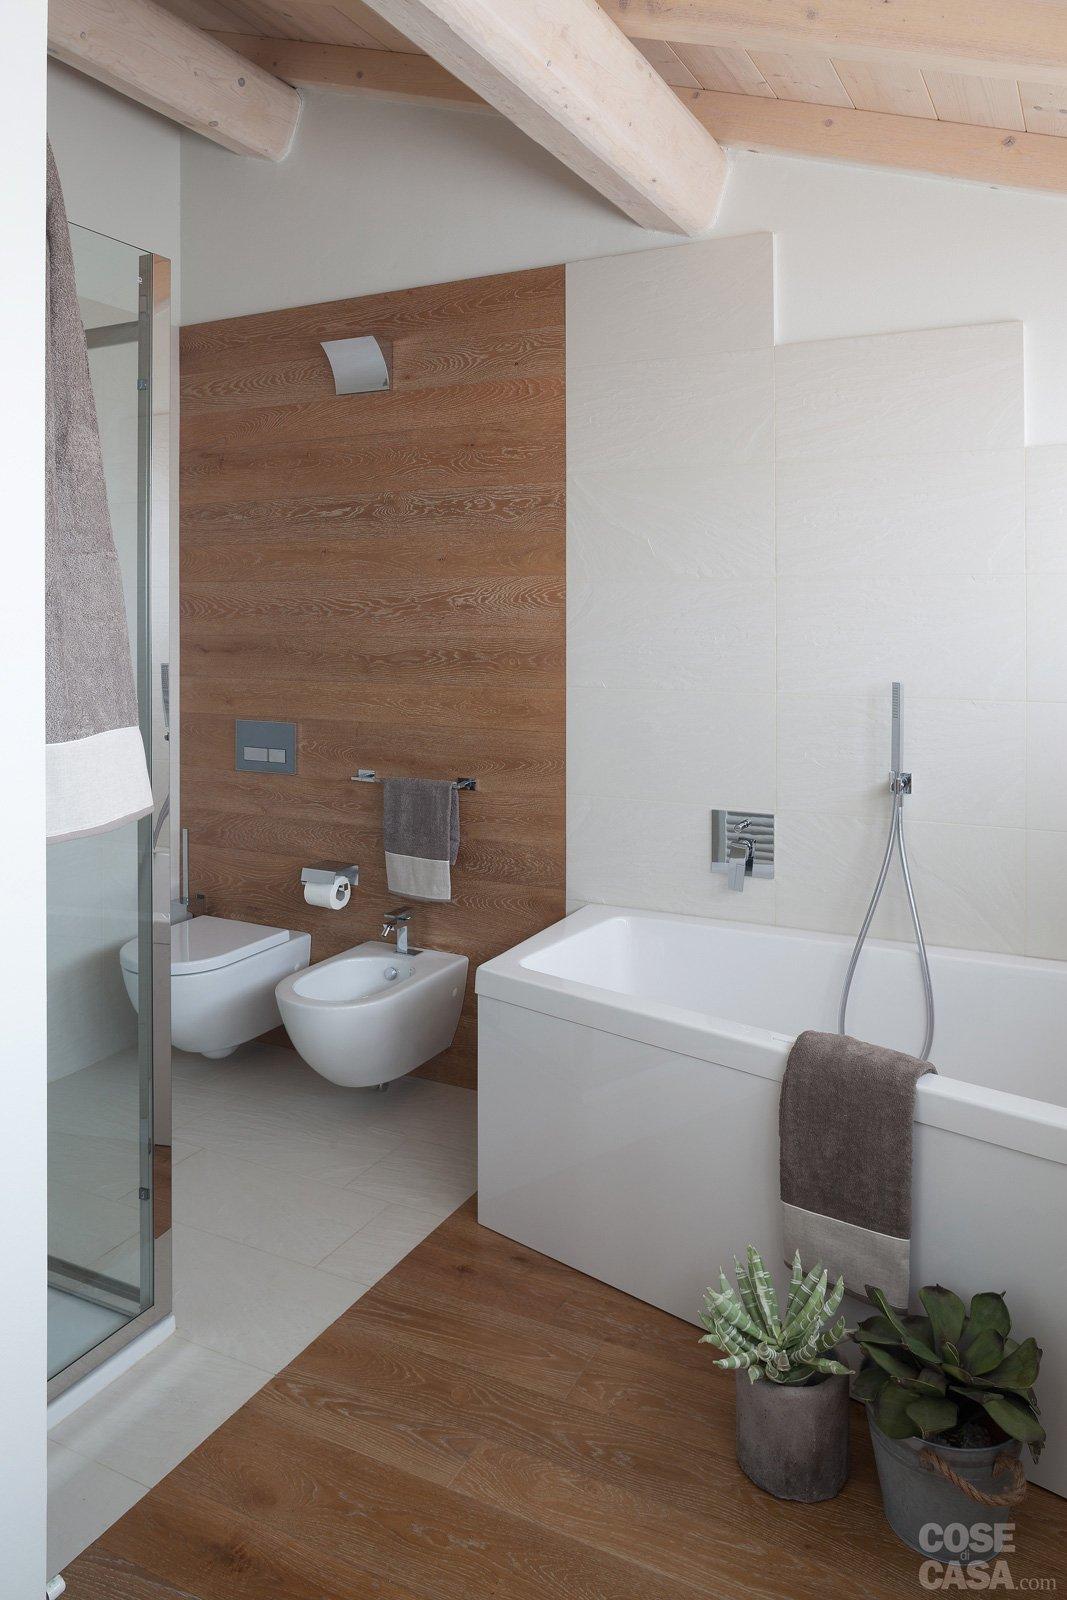 40 105 mq di sottotetto design in contesto d 39 epoca cose di casa - Bagno nel sottotetto ...